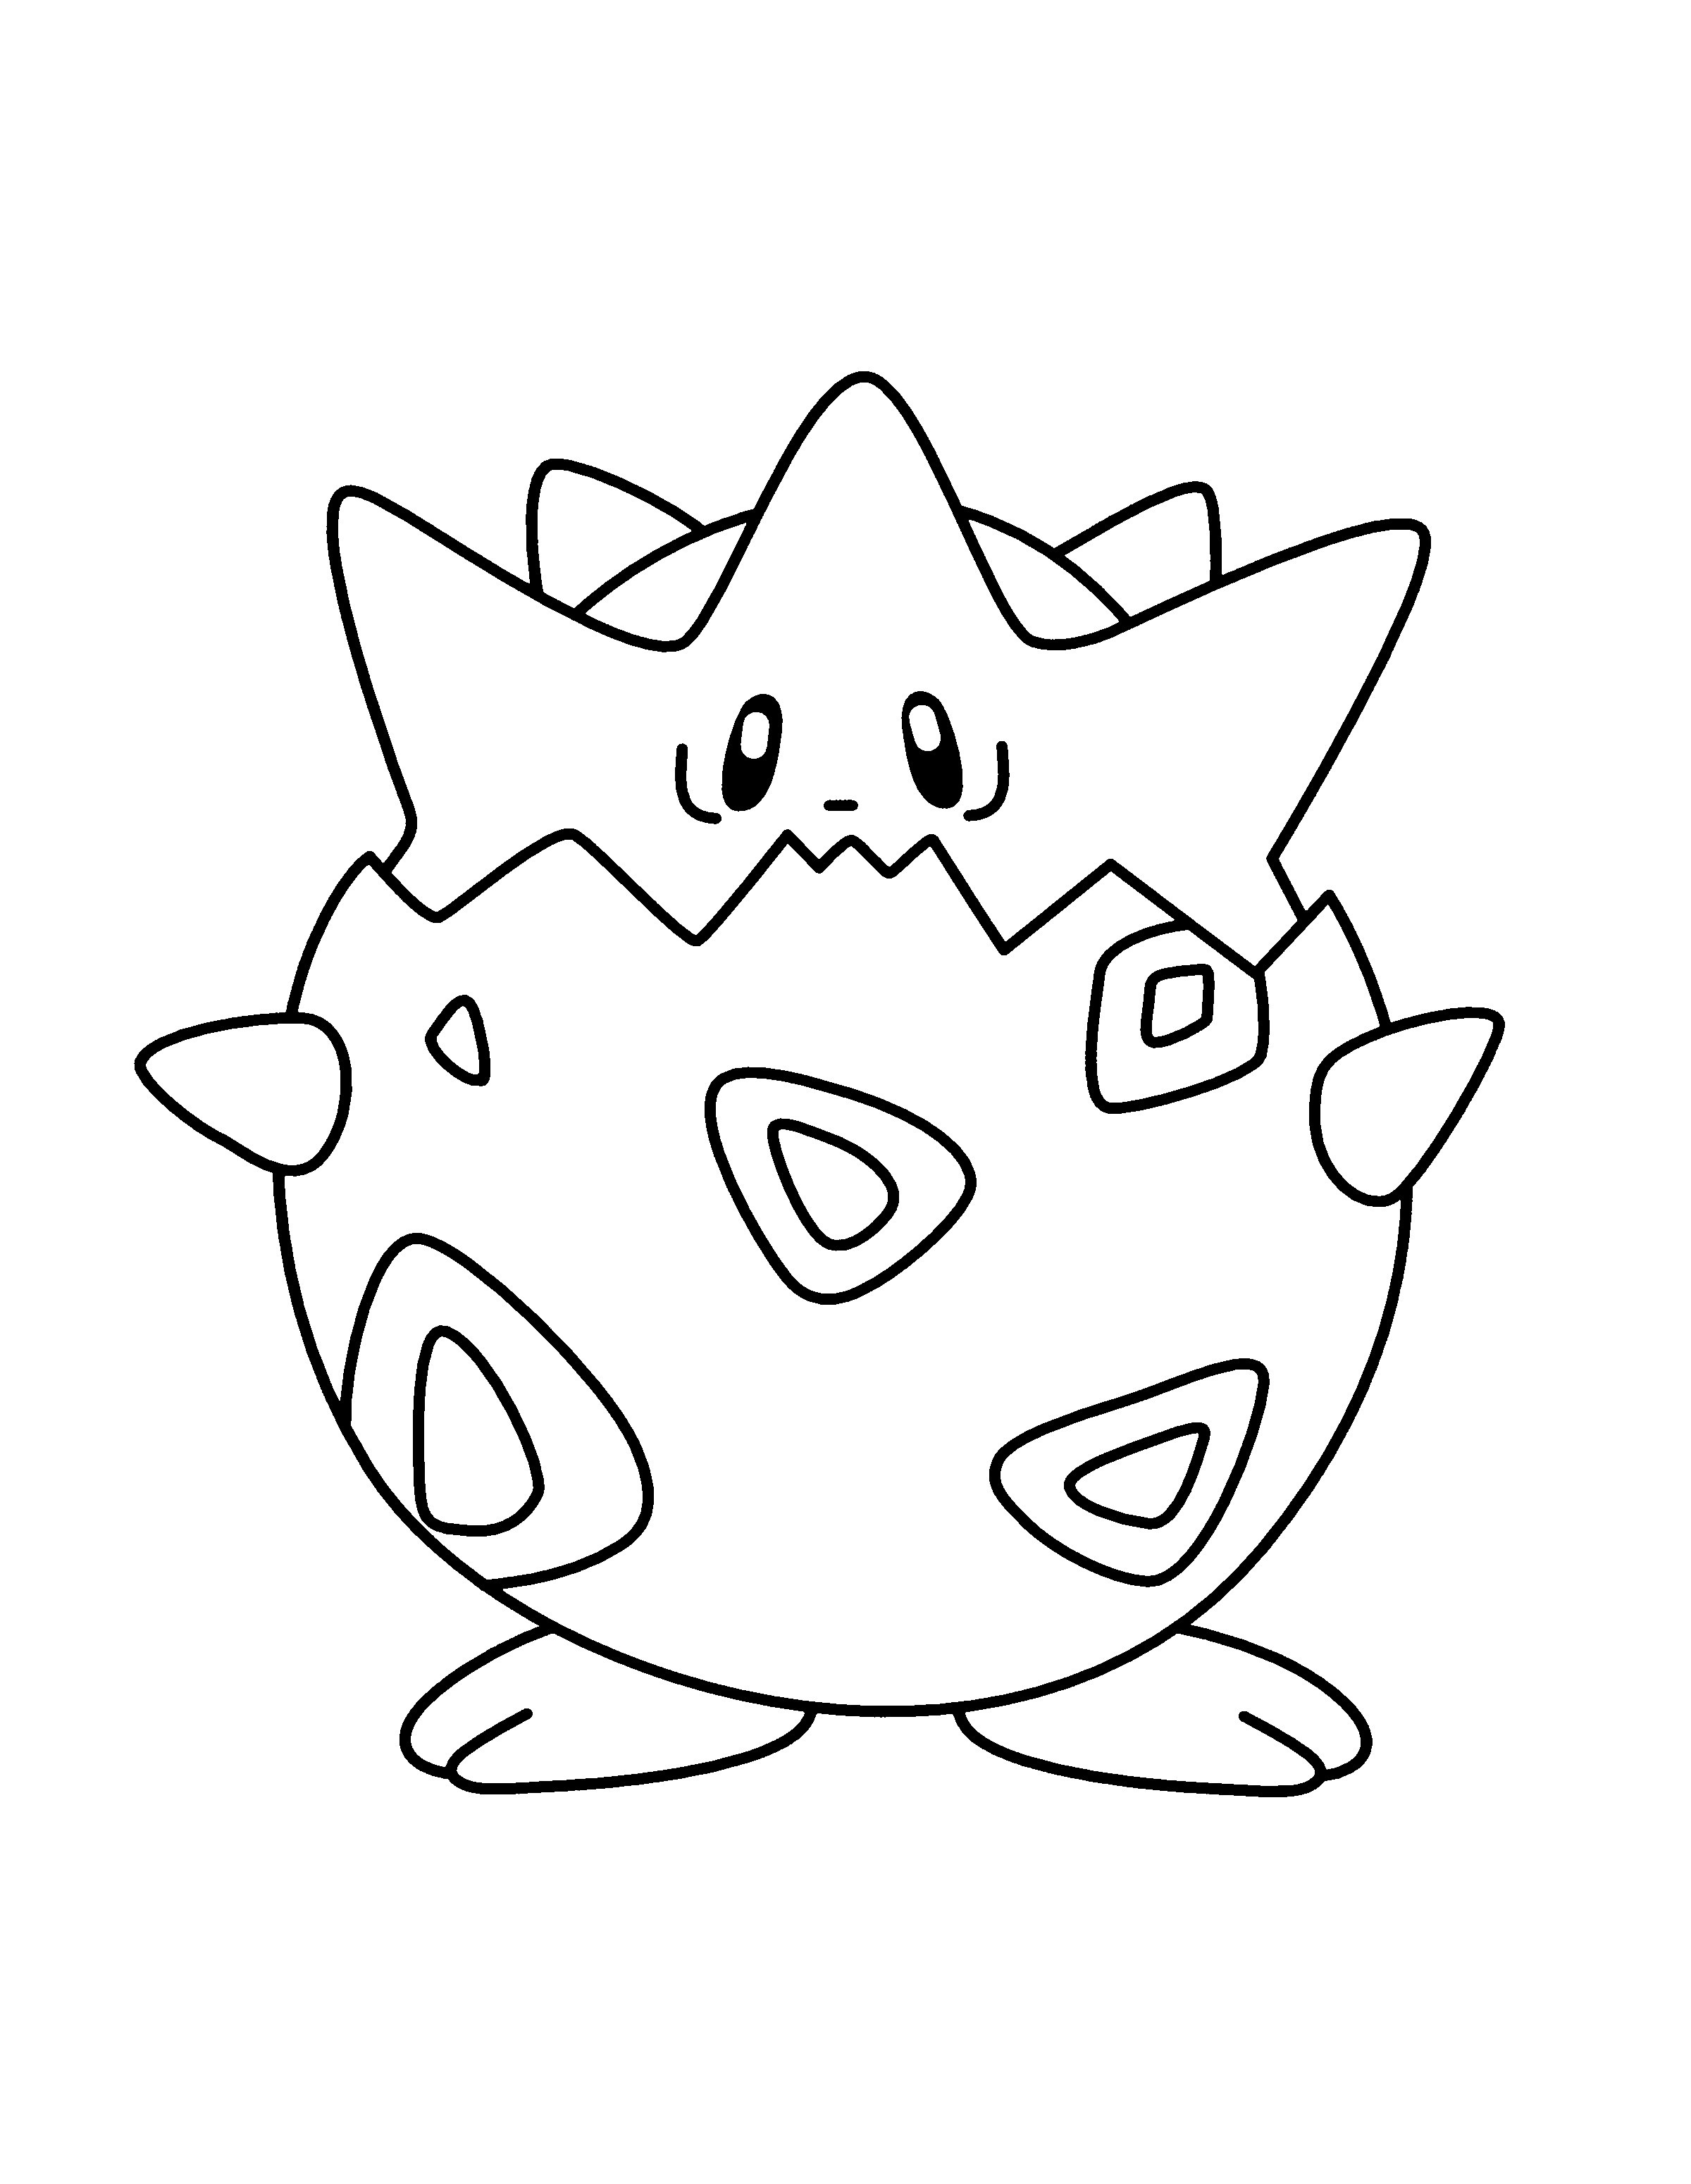 Pokemon Ausmalbilder sonne Und Mond Inspirierend Pokemon Malvorlagen Ausmalbilder Pinterest Best Ausmalbilder Bild